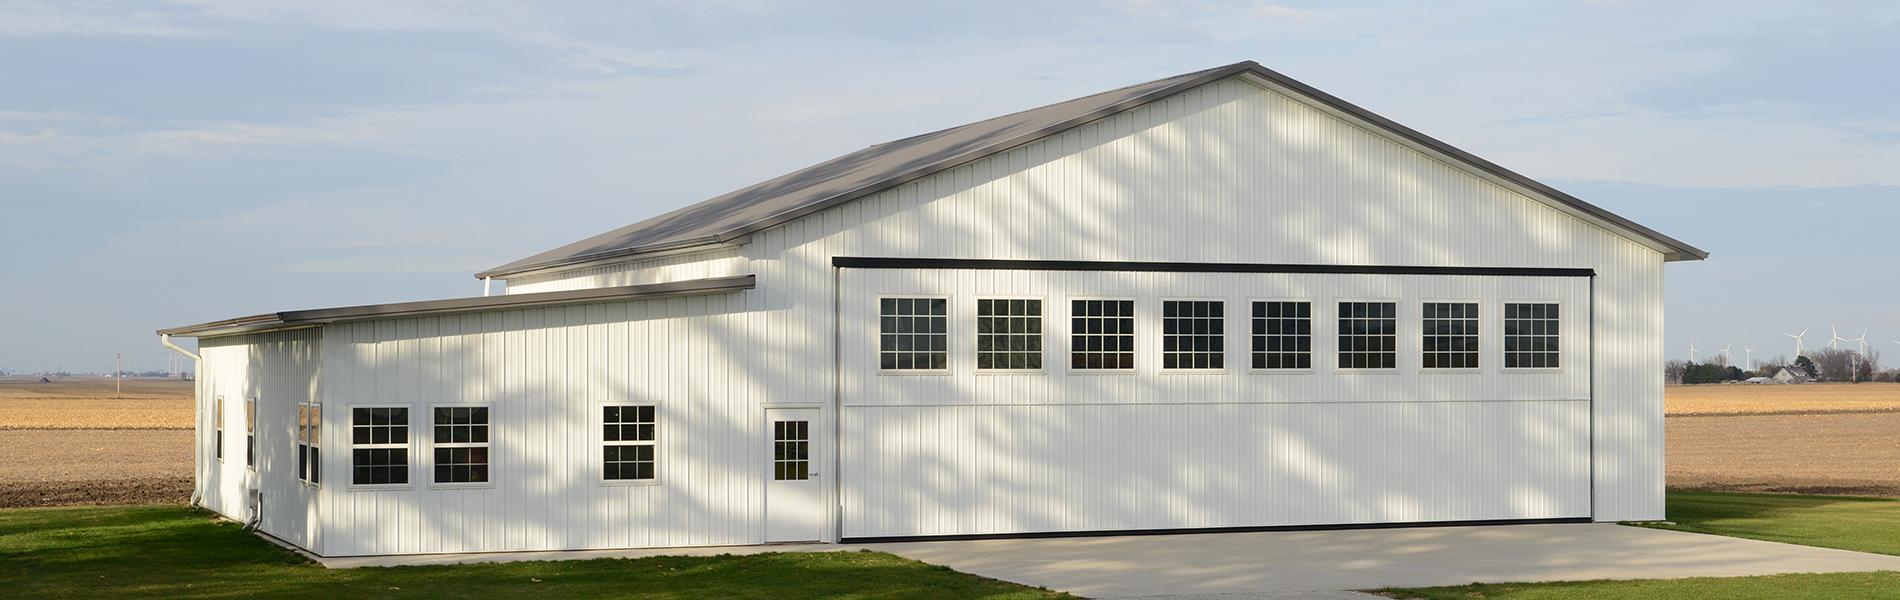 Suburban buildings | Post Frame Construction Mi-Way Enterprises ...